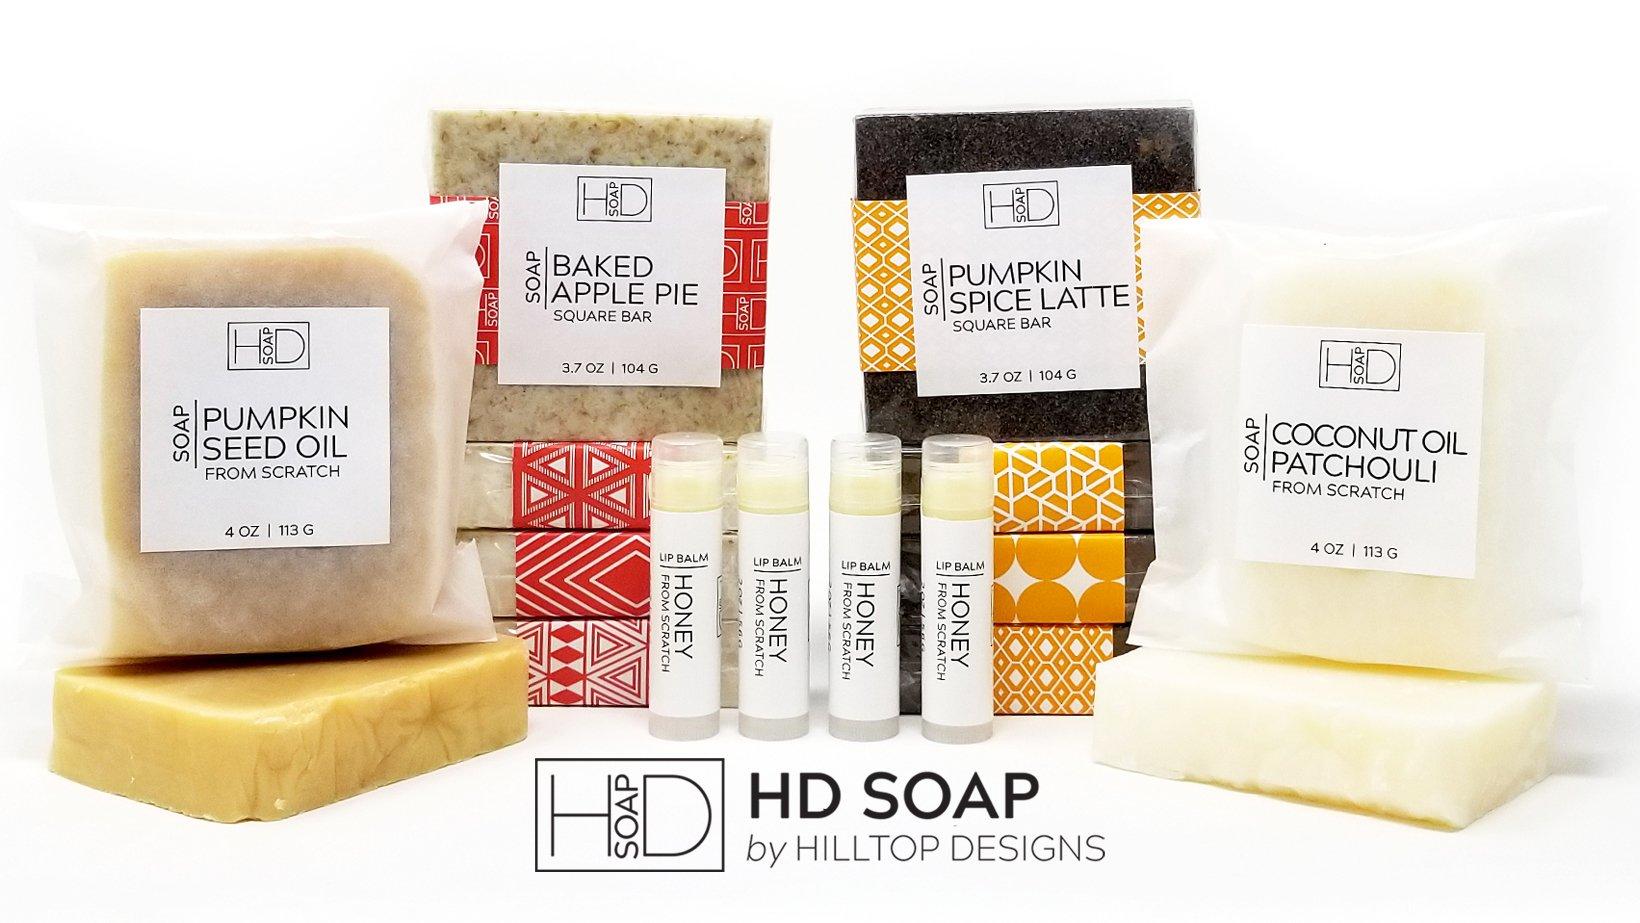 HD Soap | September